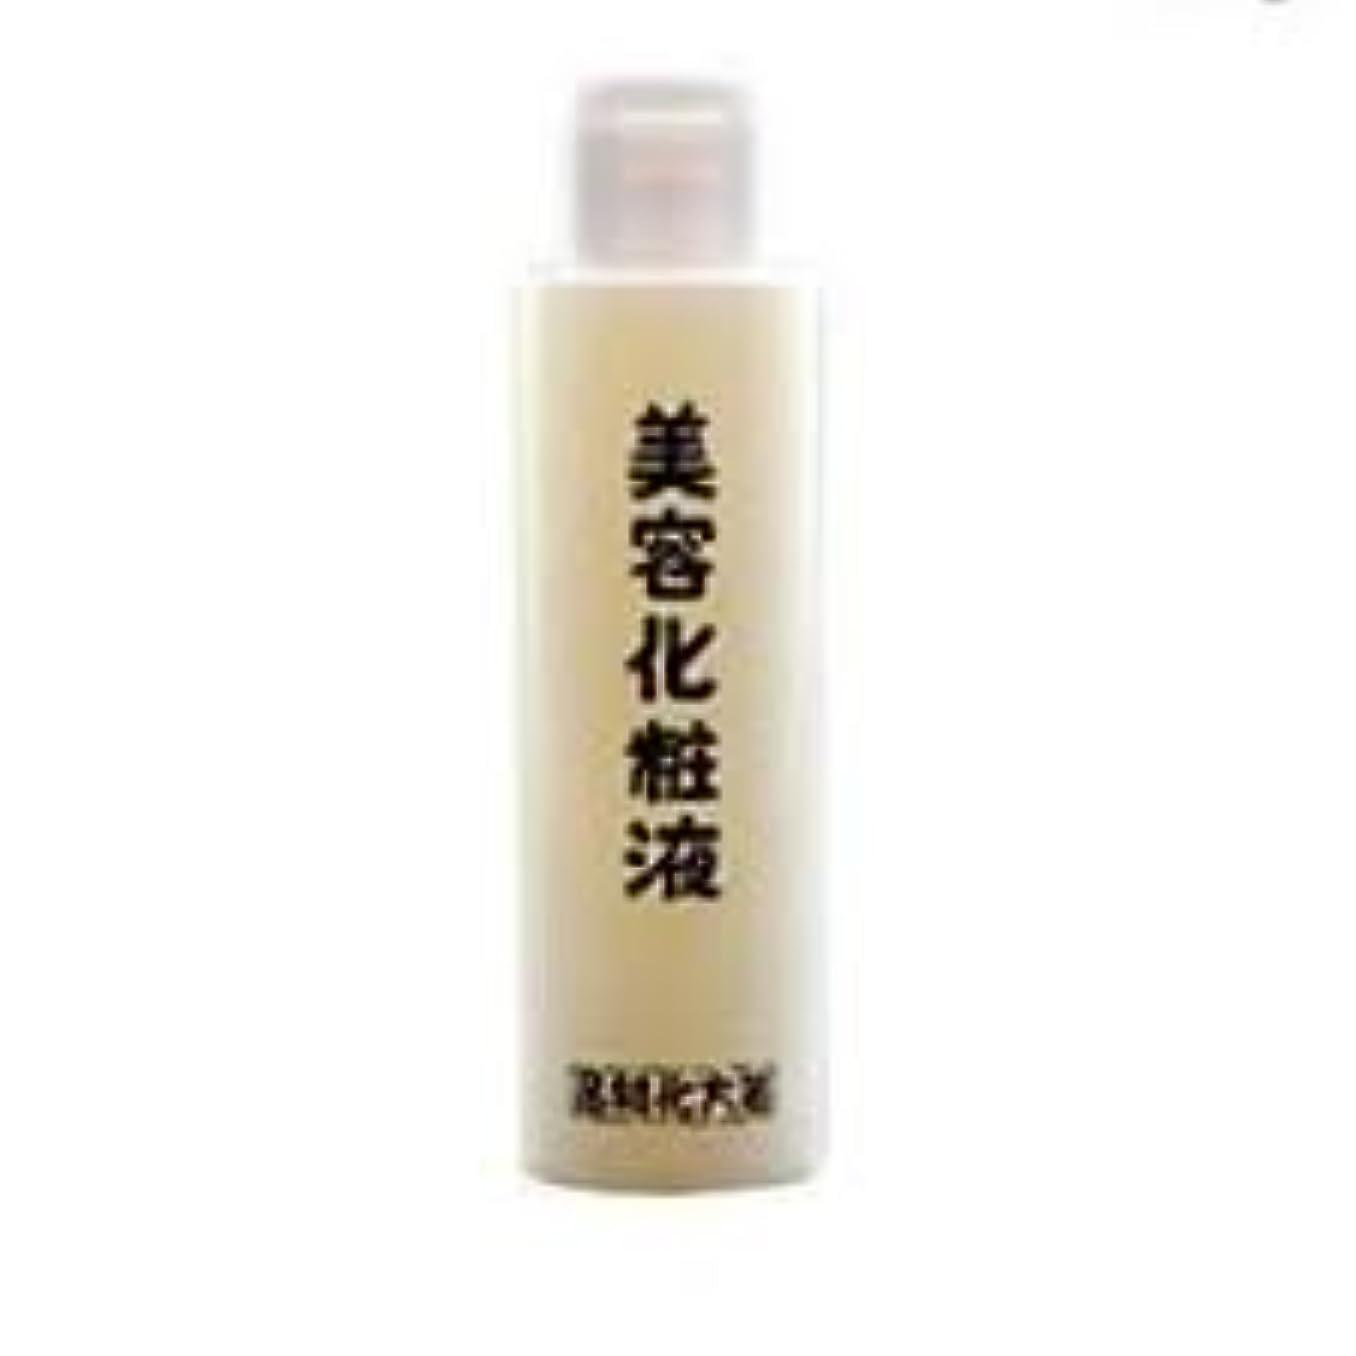 郡シフトリム箸方化粧品 美容化粧液 化粧水 120ml はしかた化粧品